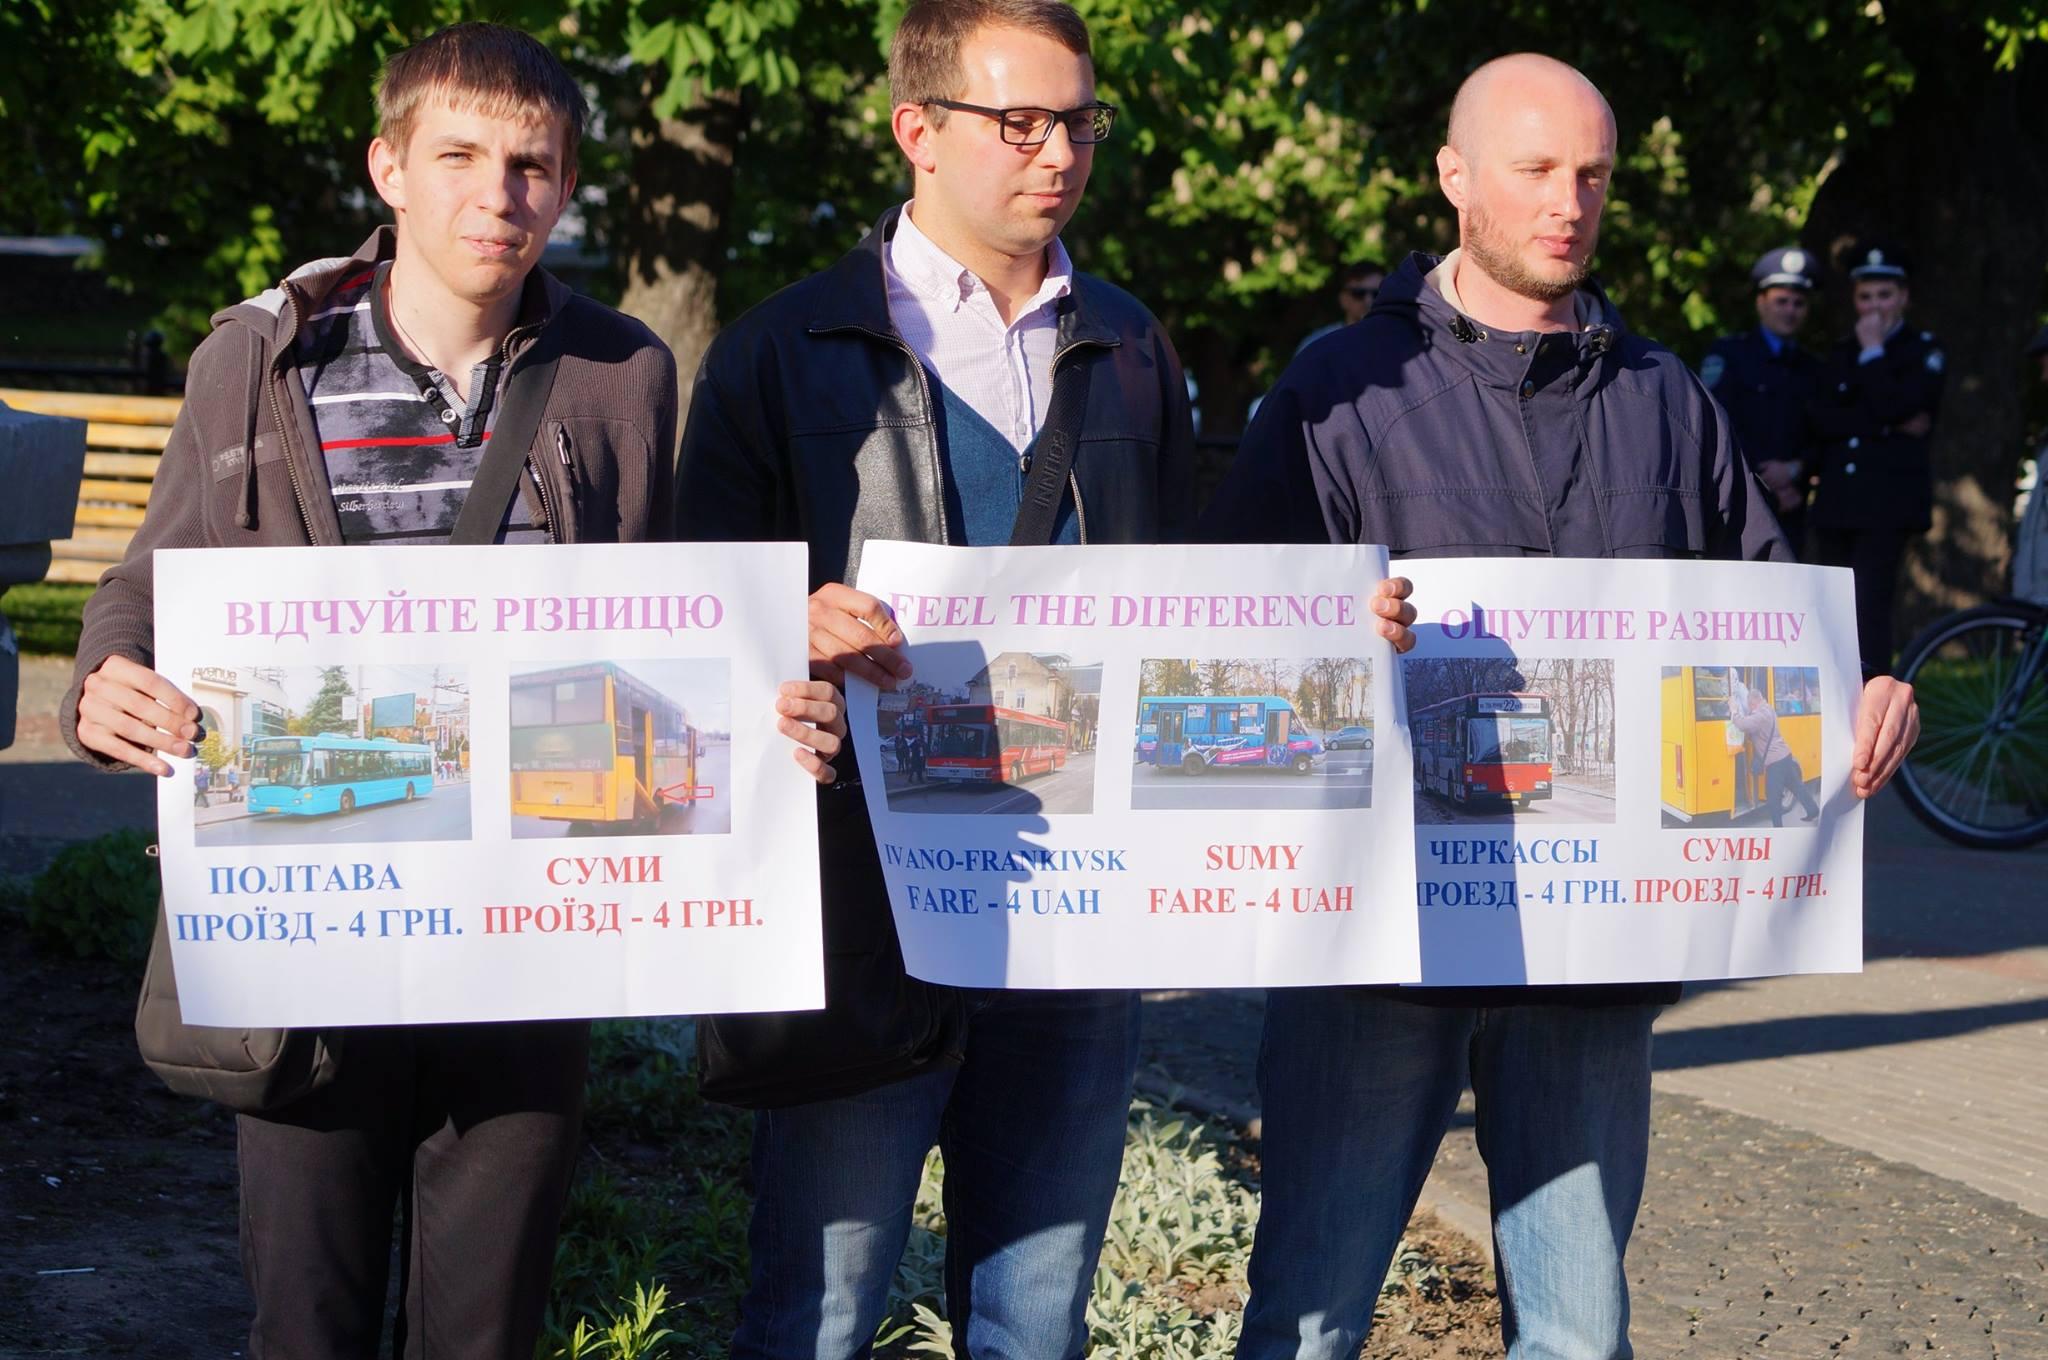 Мітинг «Як їздити по 3 гривні у маршрутці». Фото: Сумський транспортний колапс